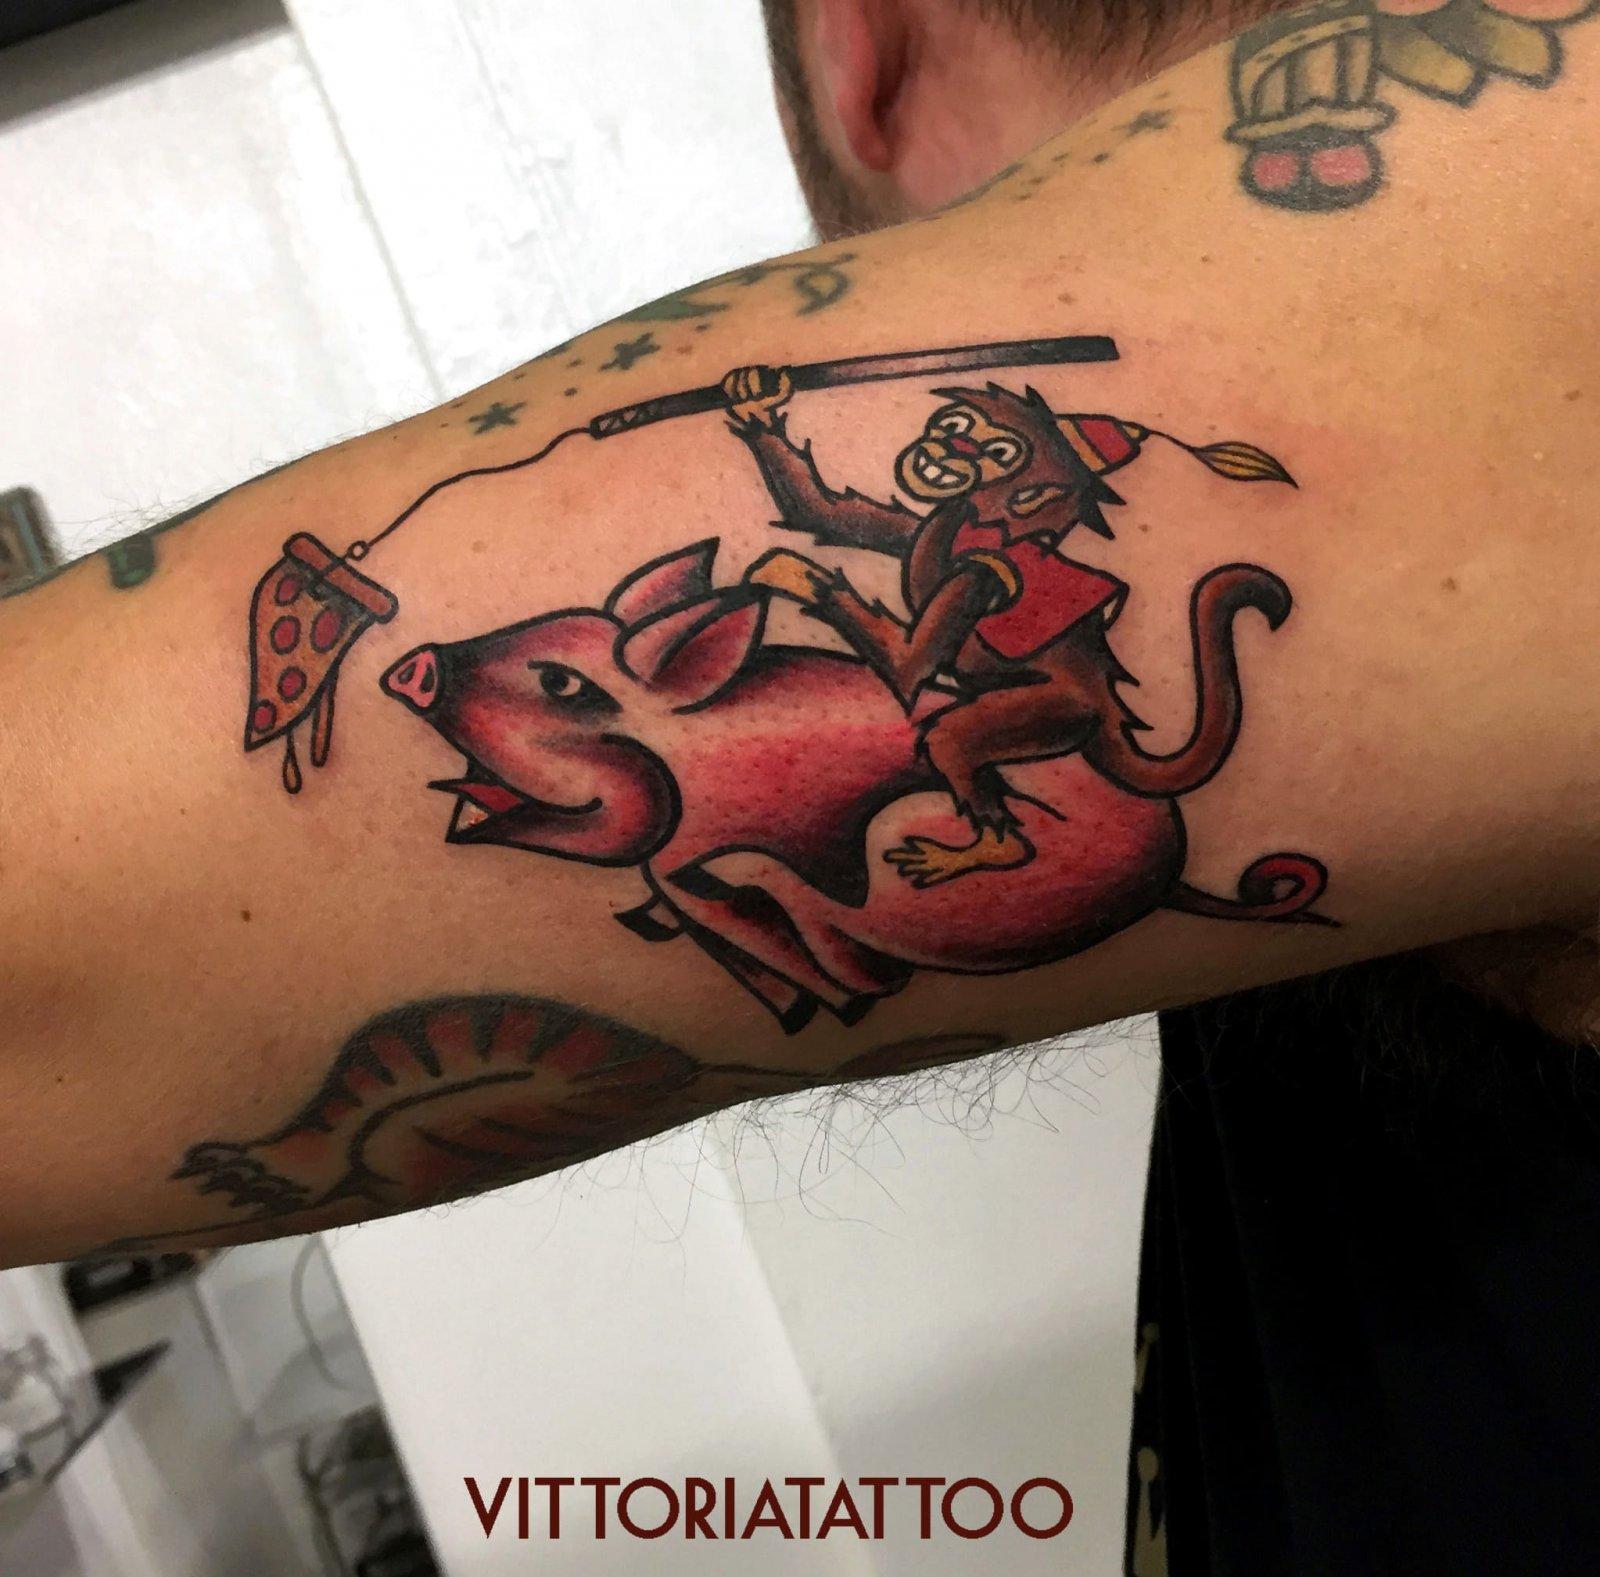 Old school pig and monkey tattoo|Tattoo Como|Via Volta 49 Como